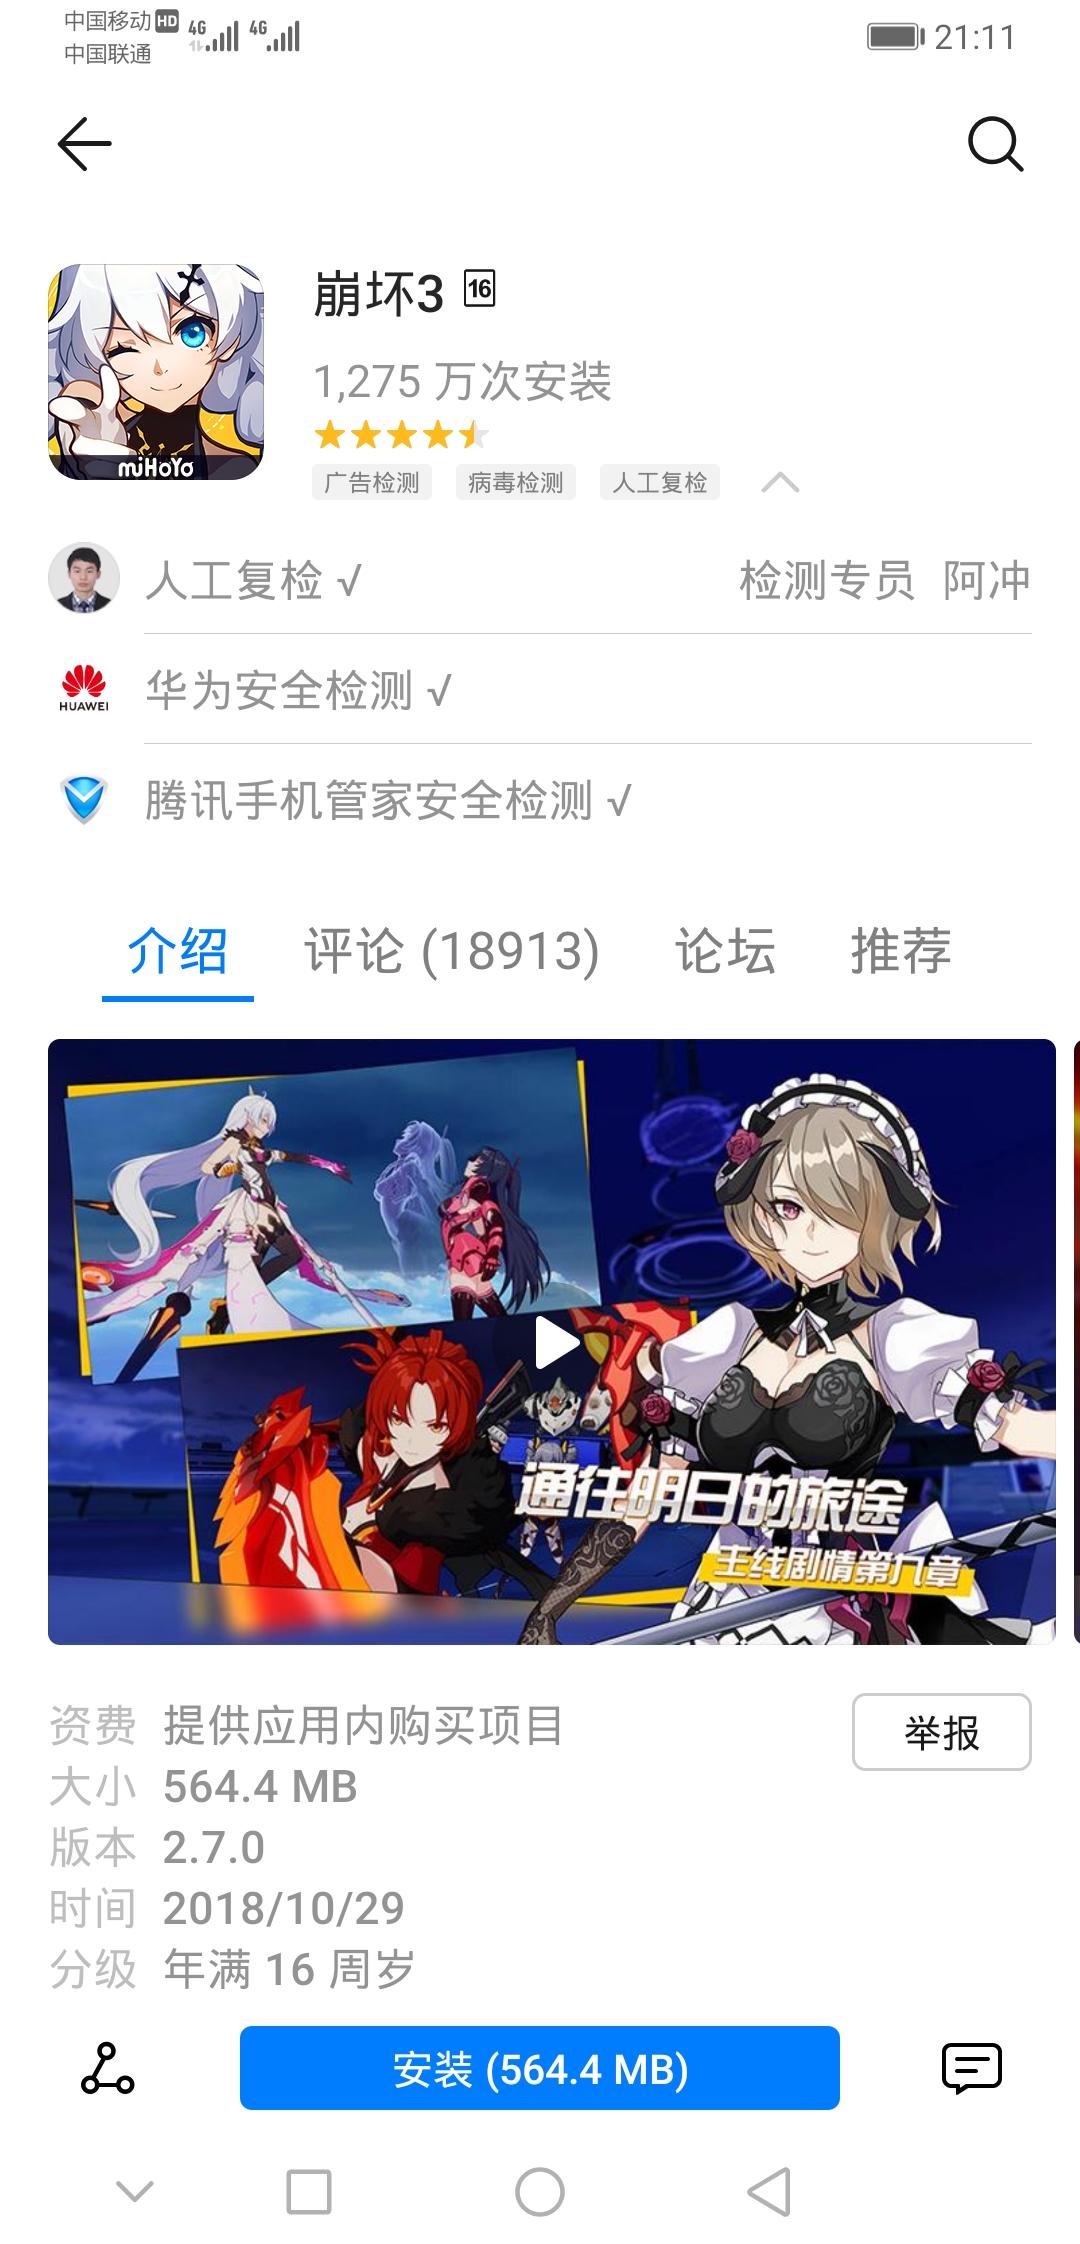 Screenshot_20181102_211120_com.huawei.appmarket.jpg